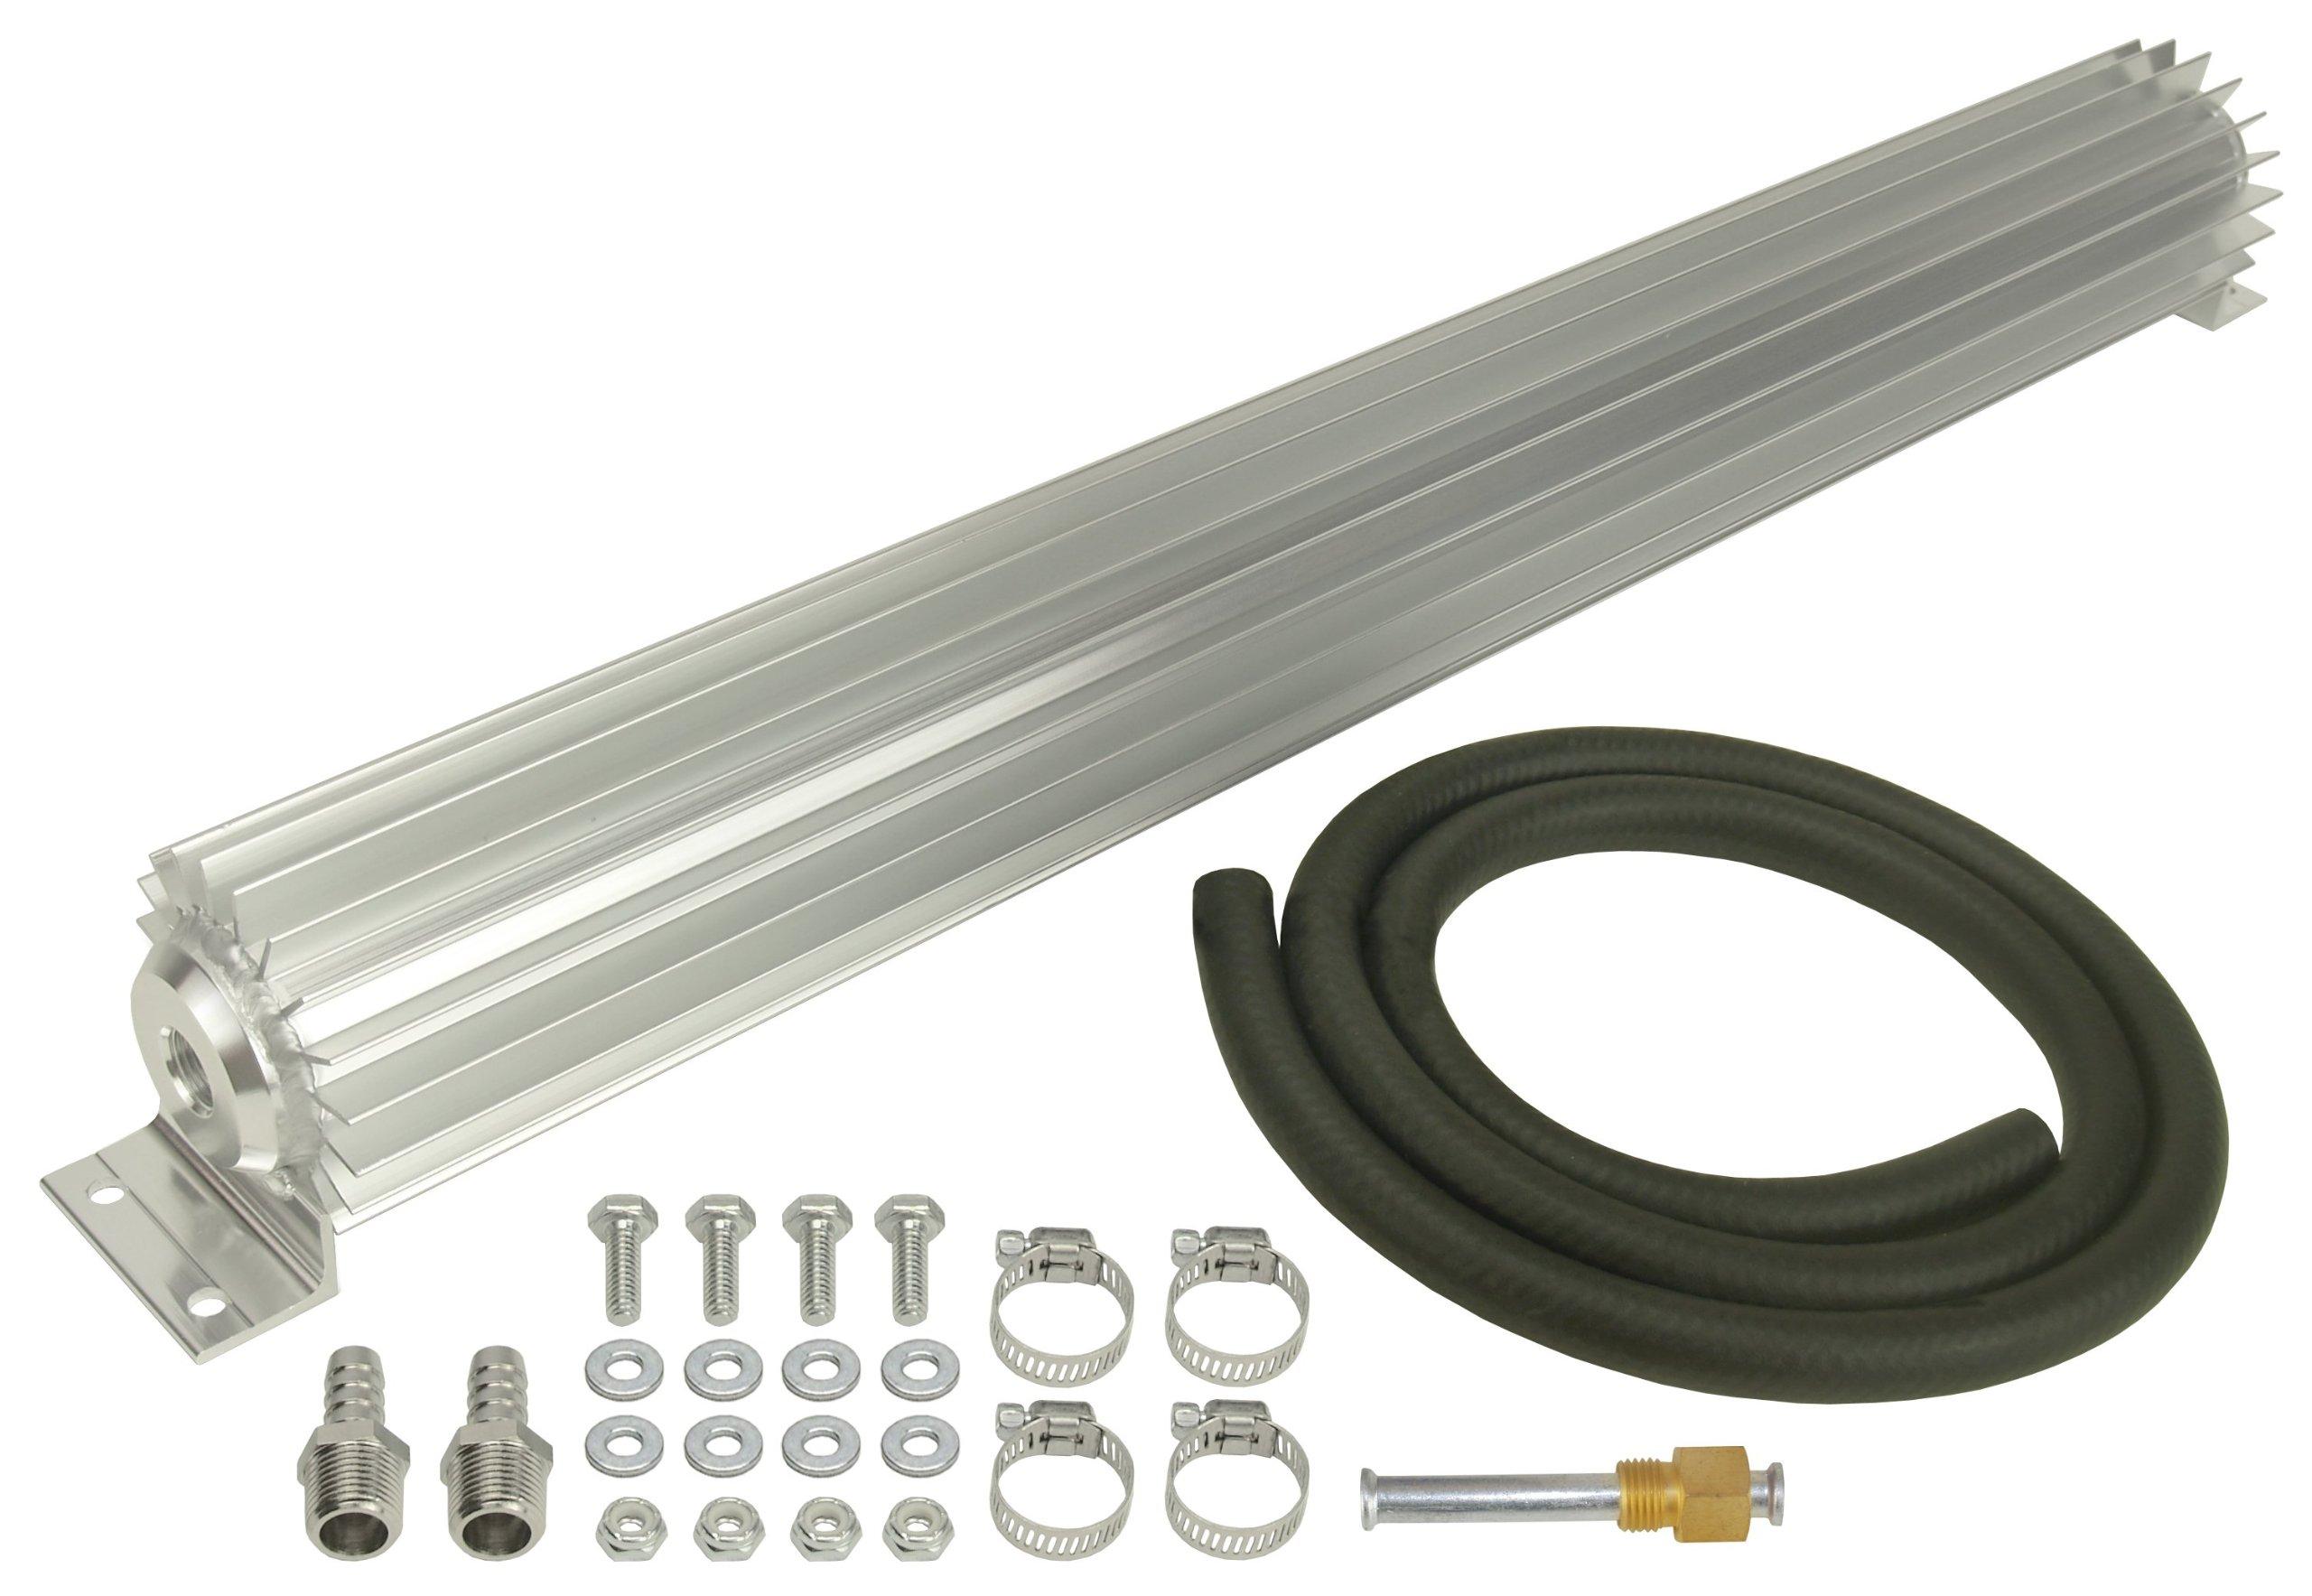 Derale 13256 Single Pass Aluminum Heat Sink Cooler by Derale